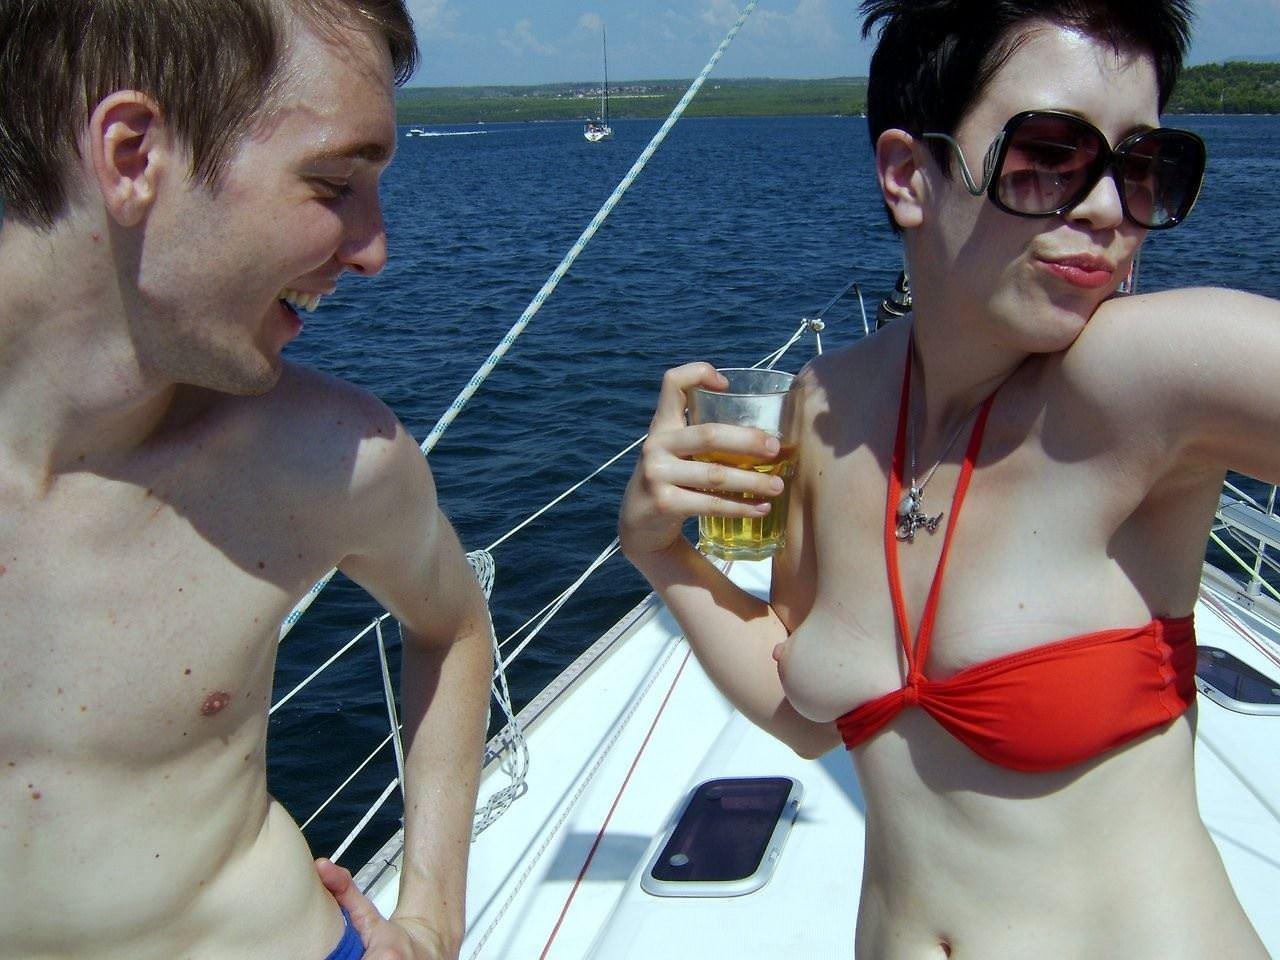 【外人】海外素人たちの胸チラからピンク乳首がポロリしちゃってるポルノ画像 27117